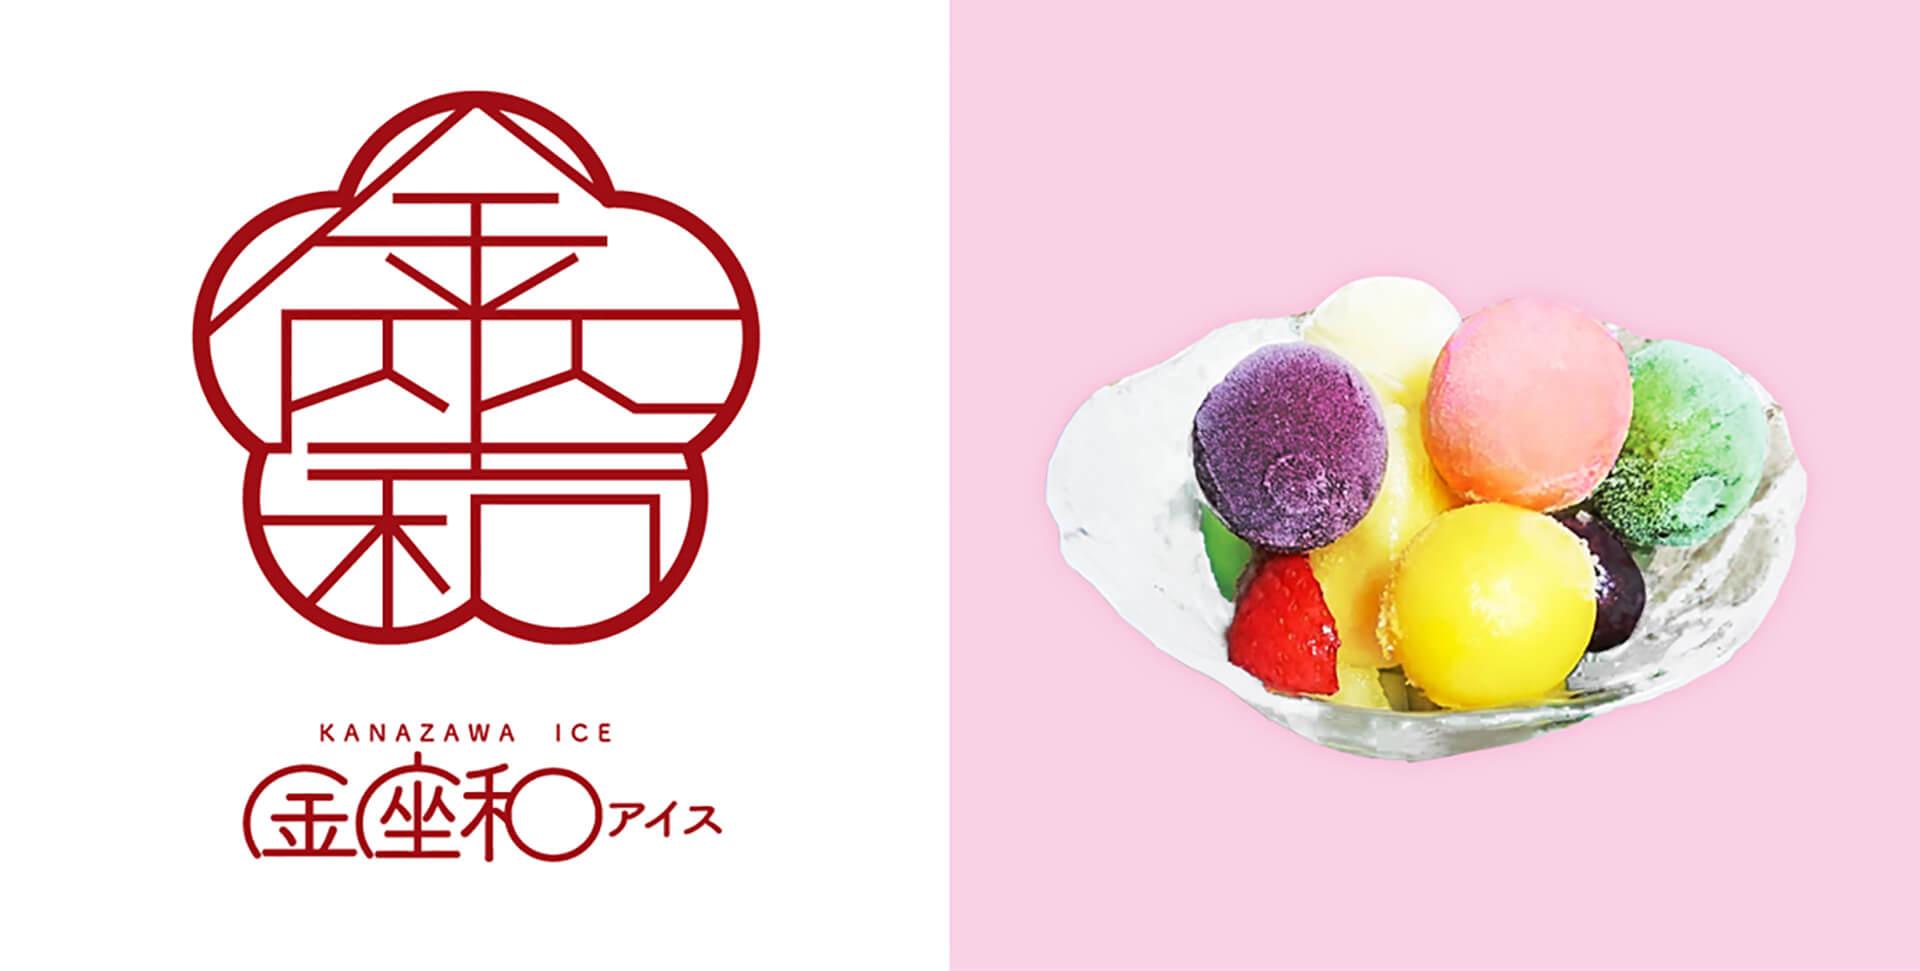 青山アイスクリームパークに参加する、金座和アイスのロゴと商品です